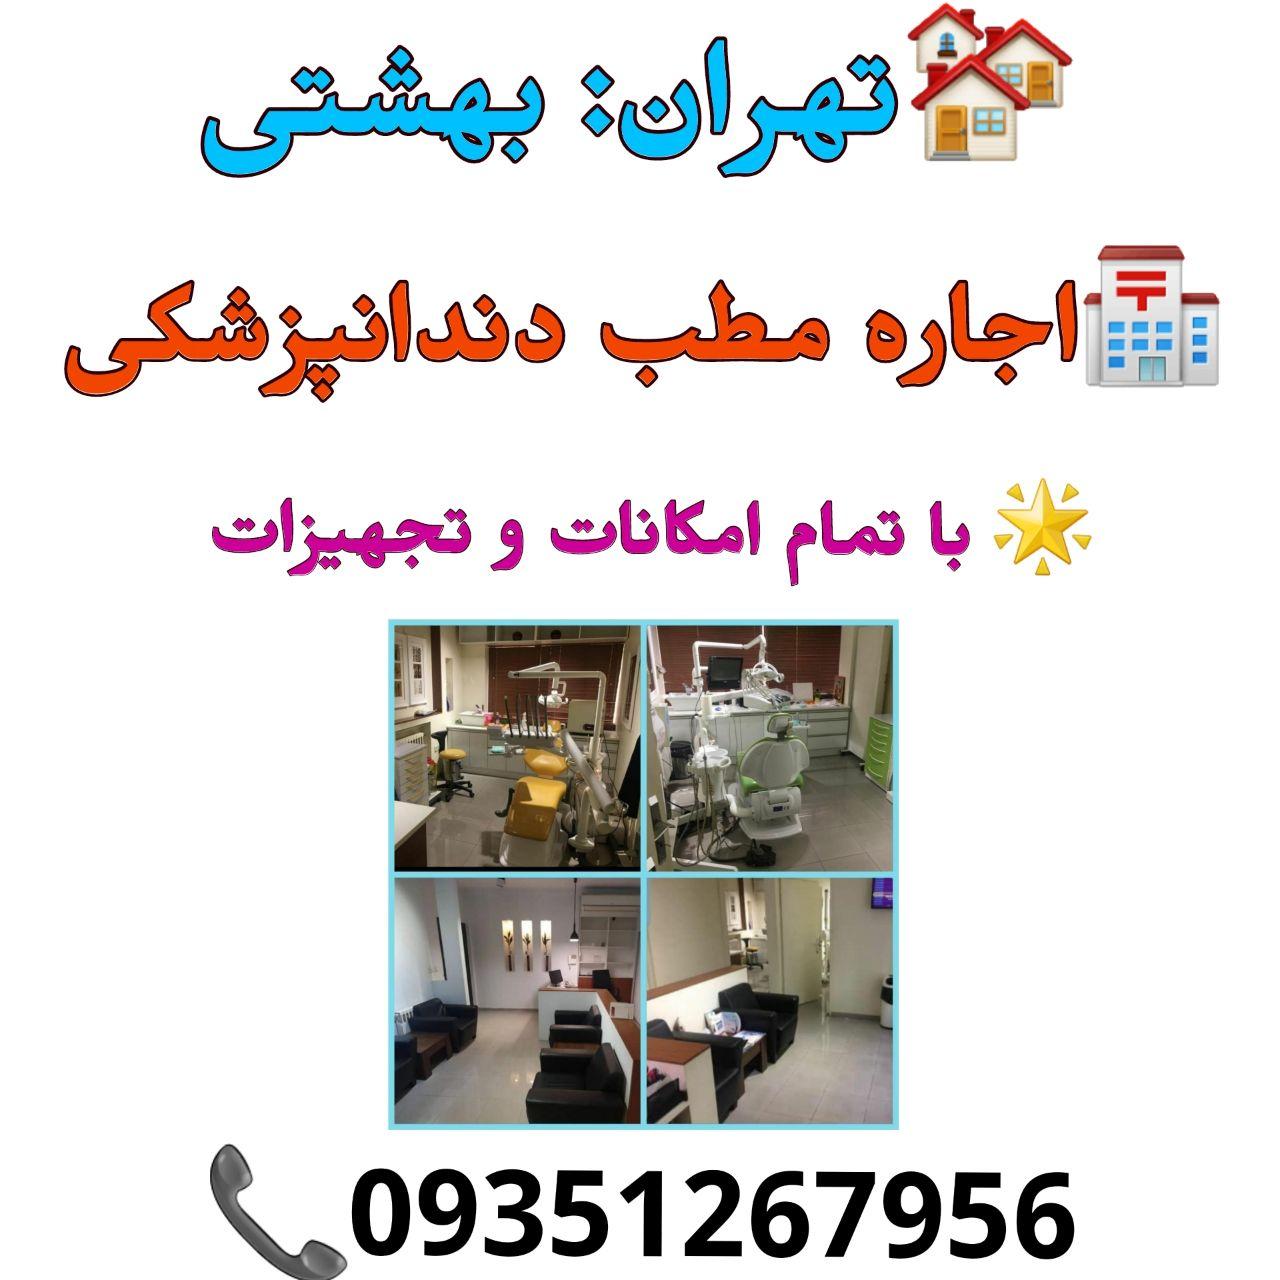 تهران: بهشتی، اجاره مطب دندانپزشکی